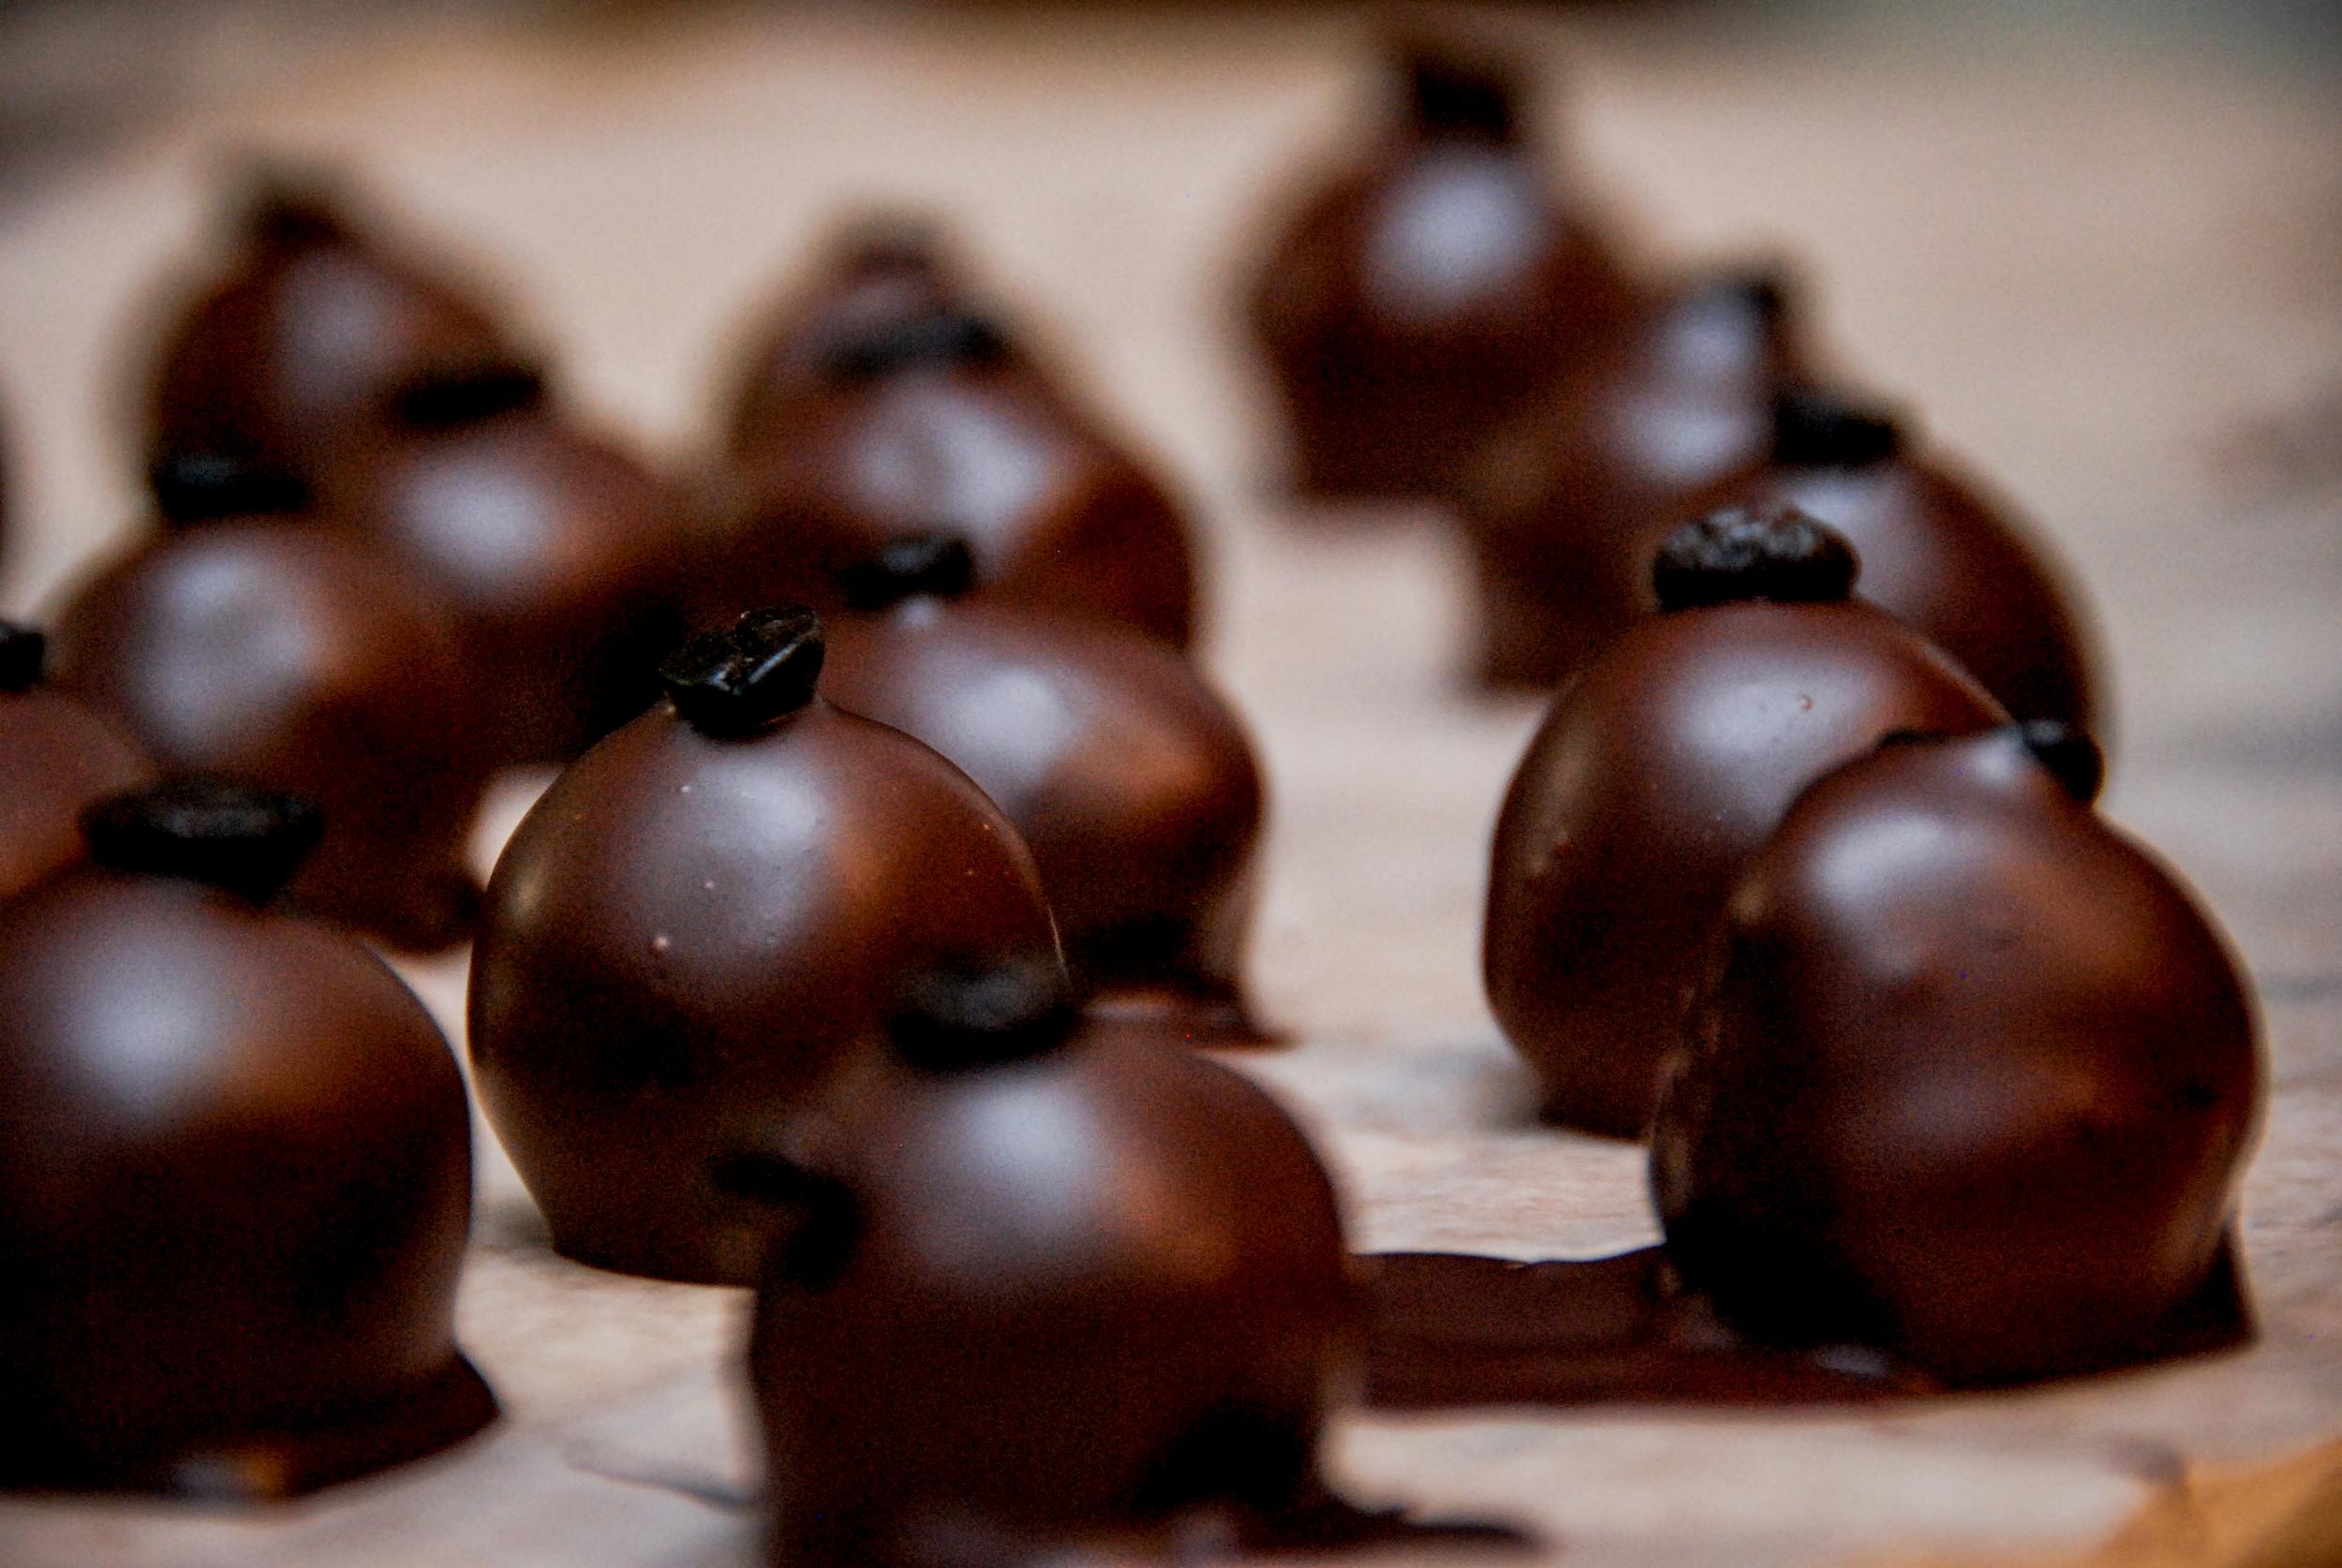 Image: CAO Artisan Chocolates